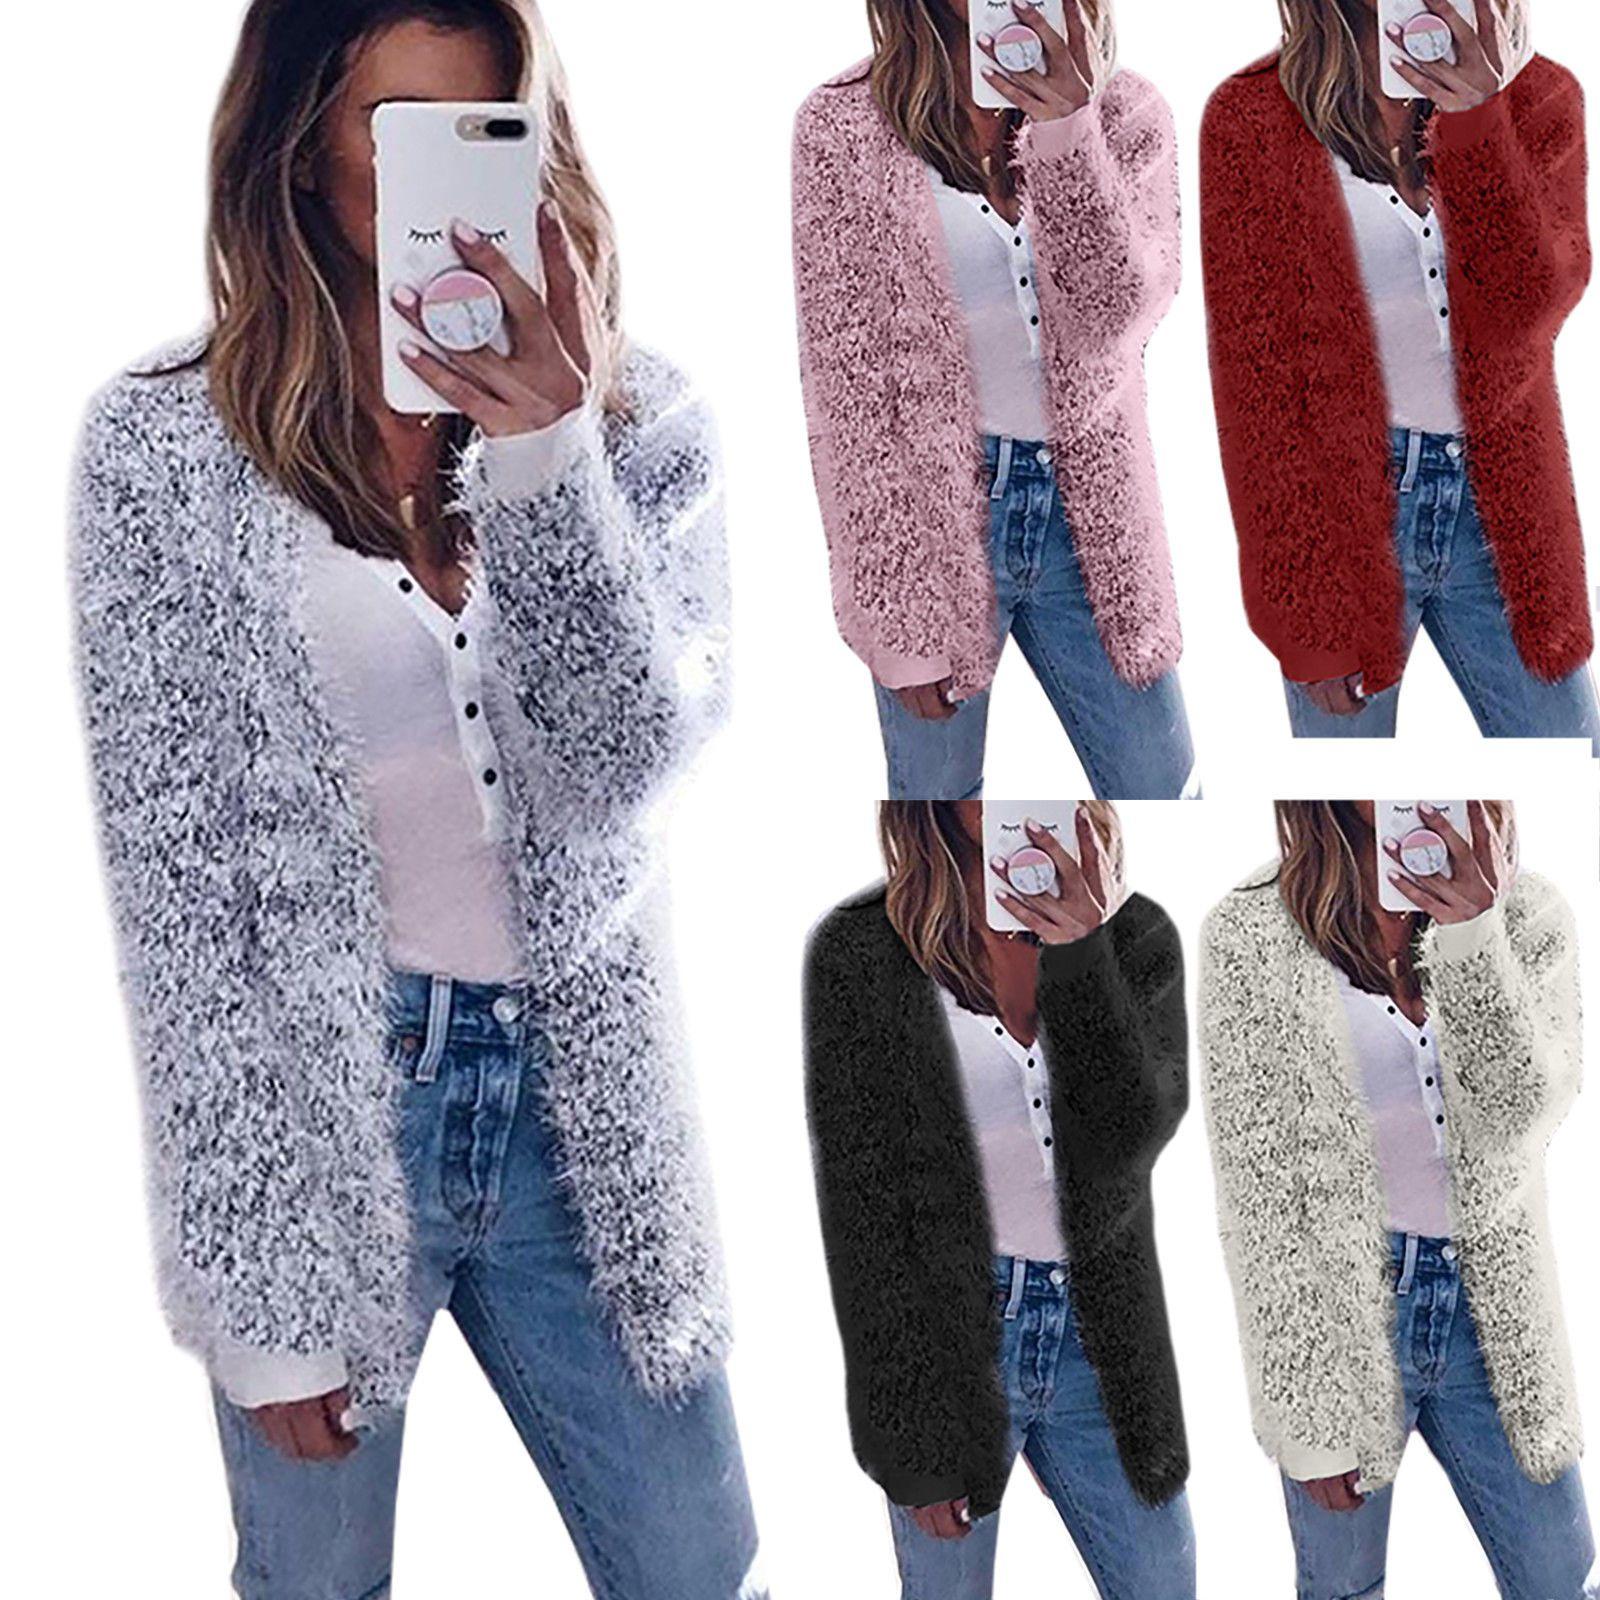 11 15 Womens Faux Fur Long Sleeve Outwear Coat Jacket Tops Winter Warm Sweater Casual Womens Womens Faux Fur Coat Winter Coats Women Faux Fur Cardigan [ 1600 x 1600 Pixel ]